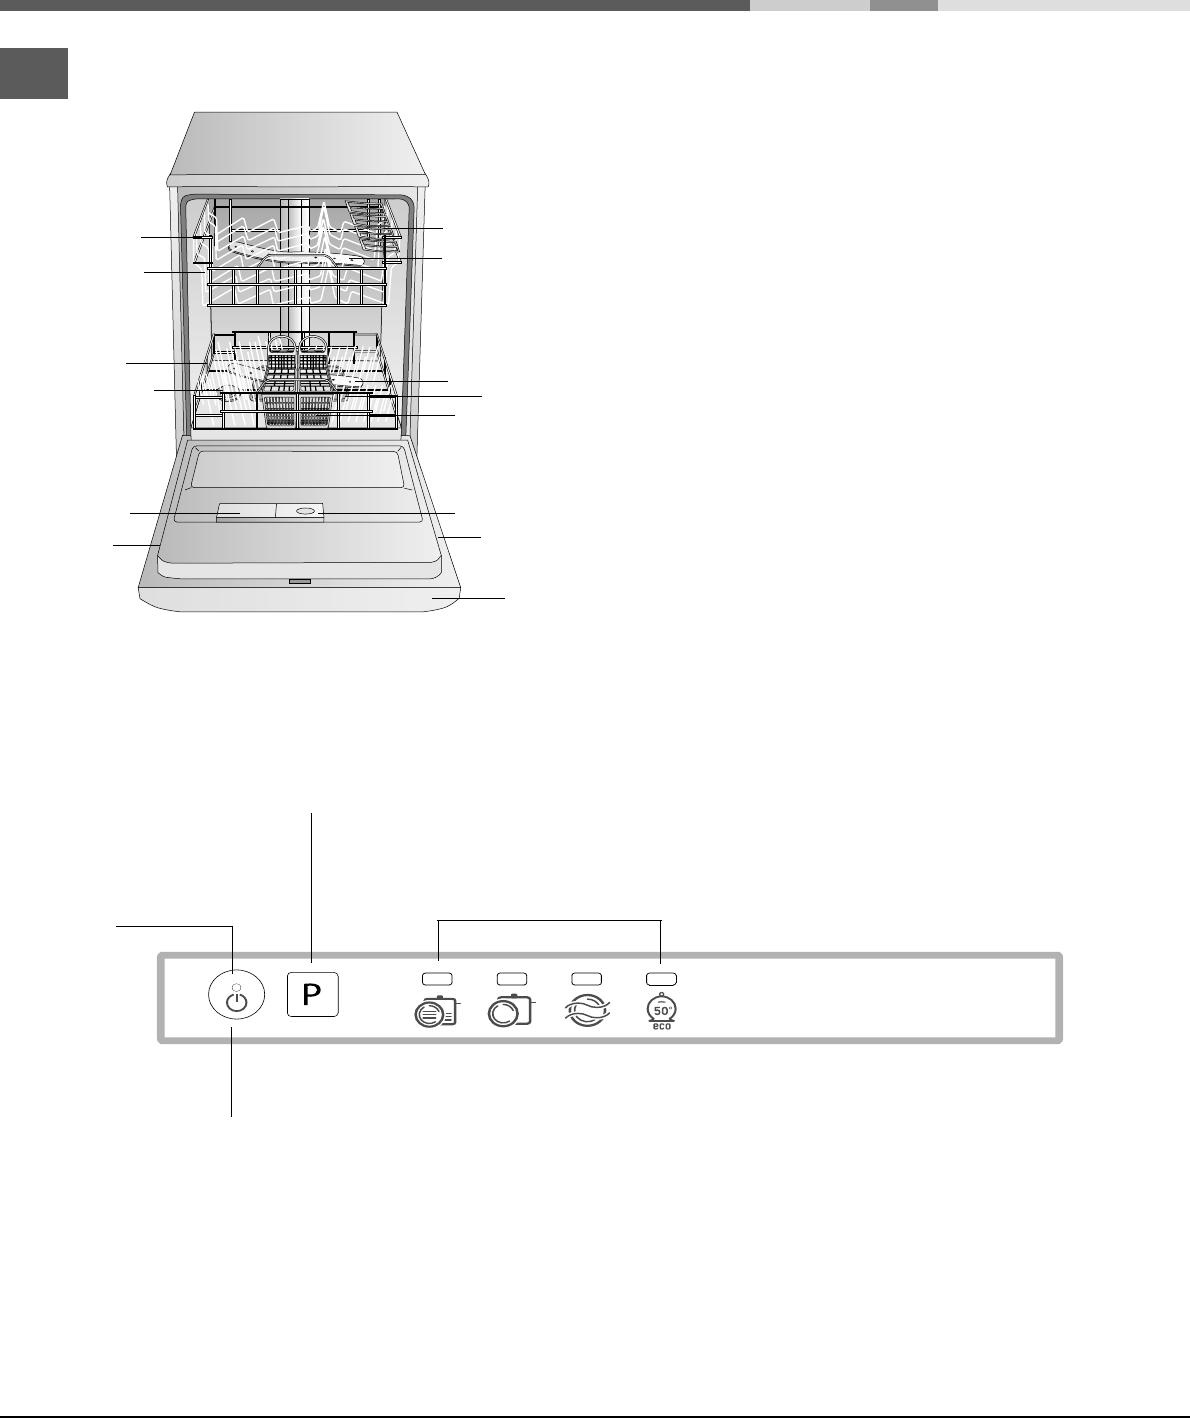 Bedienungsanleitung Hotpoint-Ariston LFT 114 (Seite 1 von 84 ...